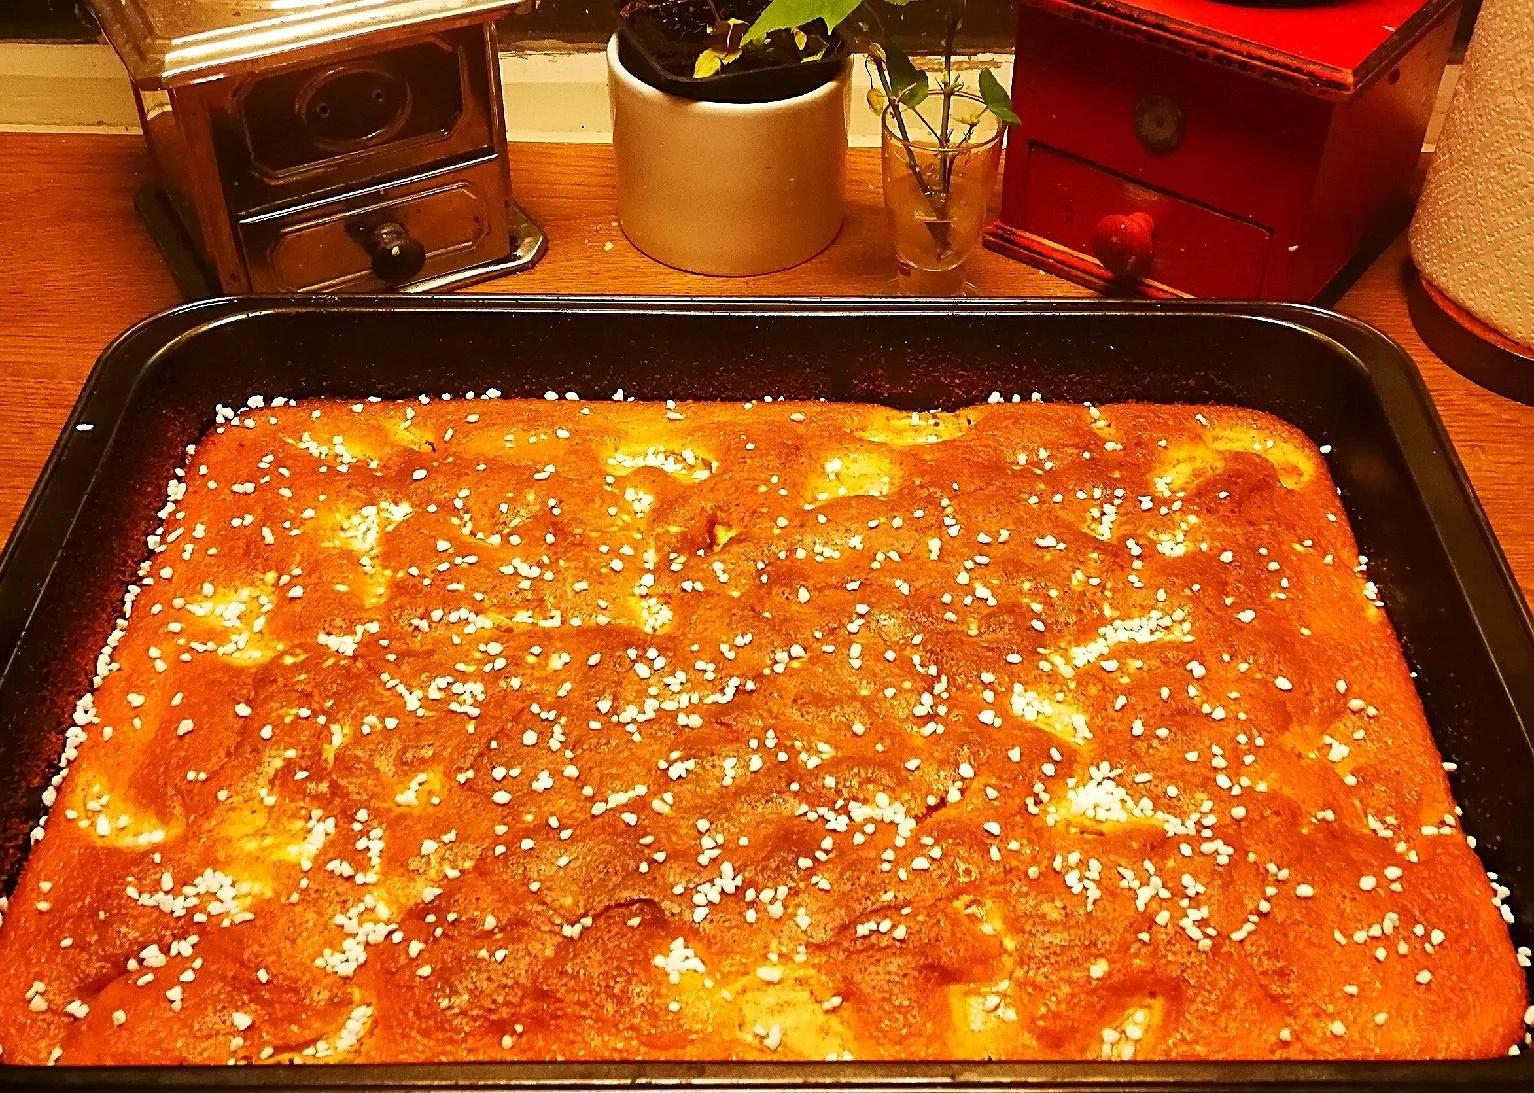 Bakade en äppelkaka ikväll